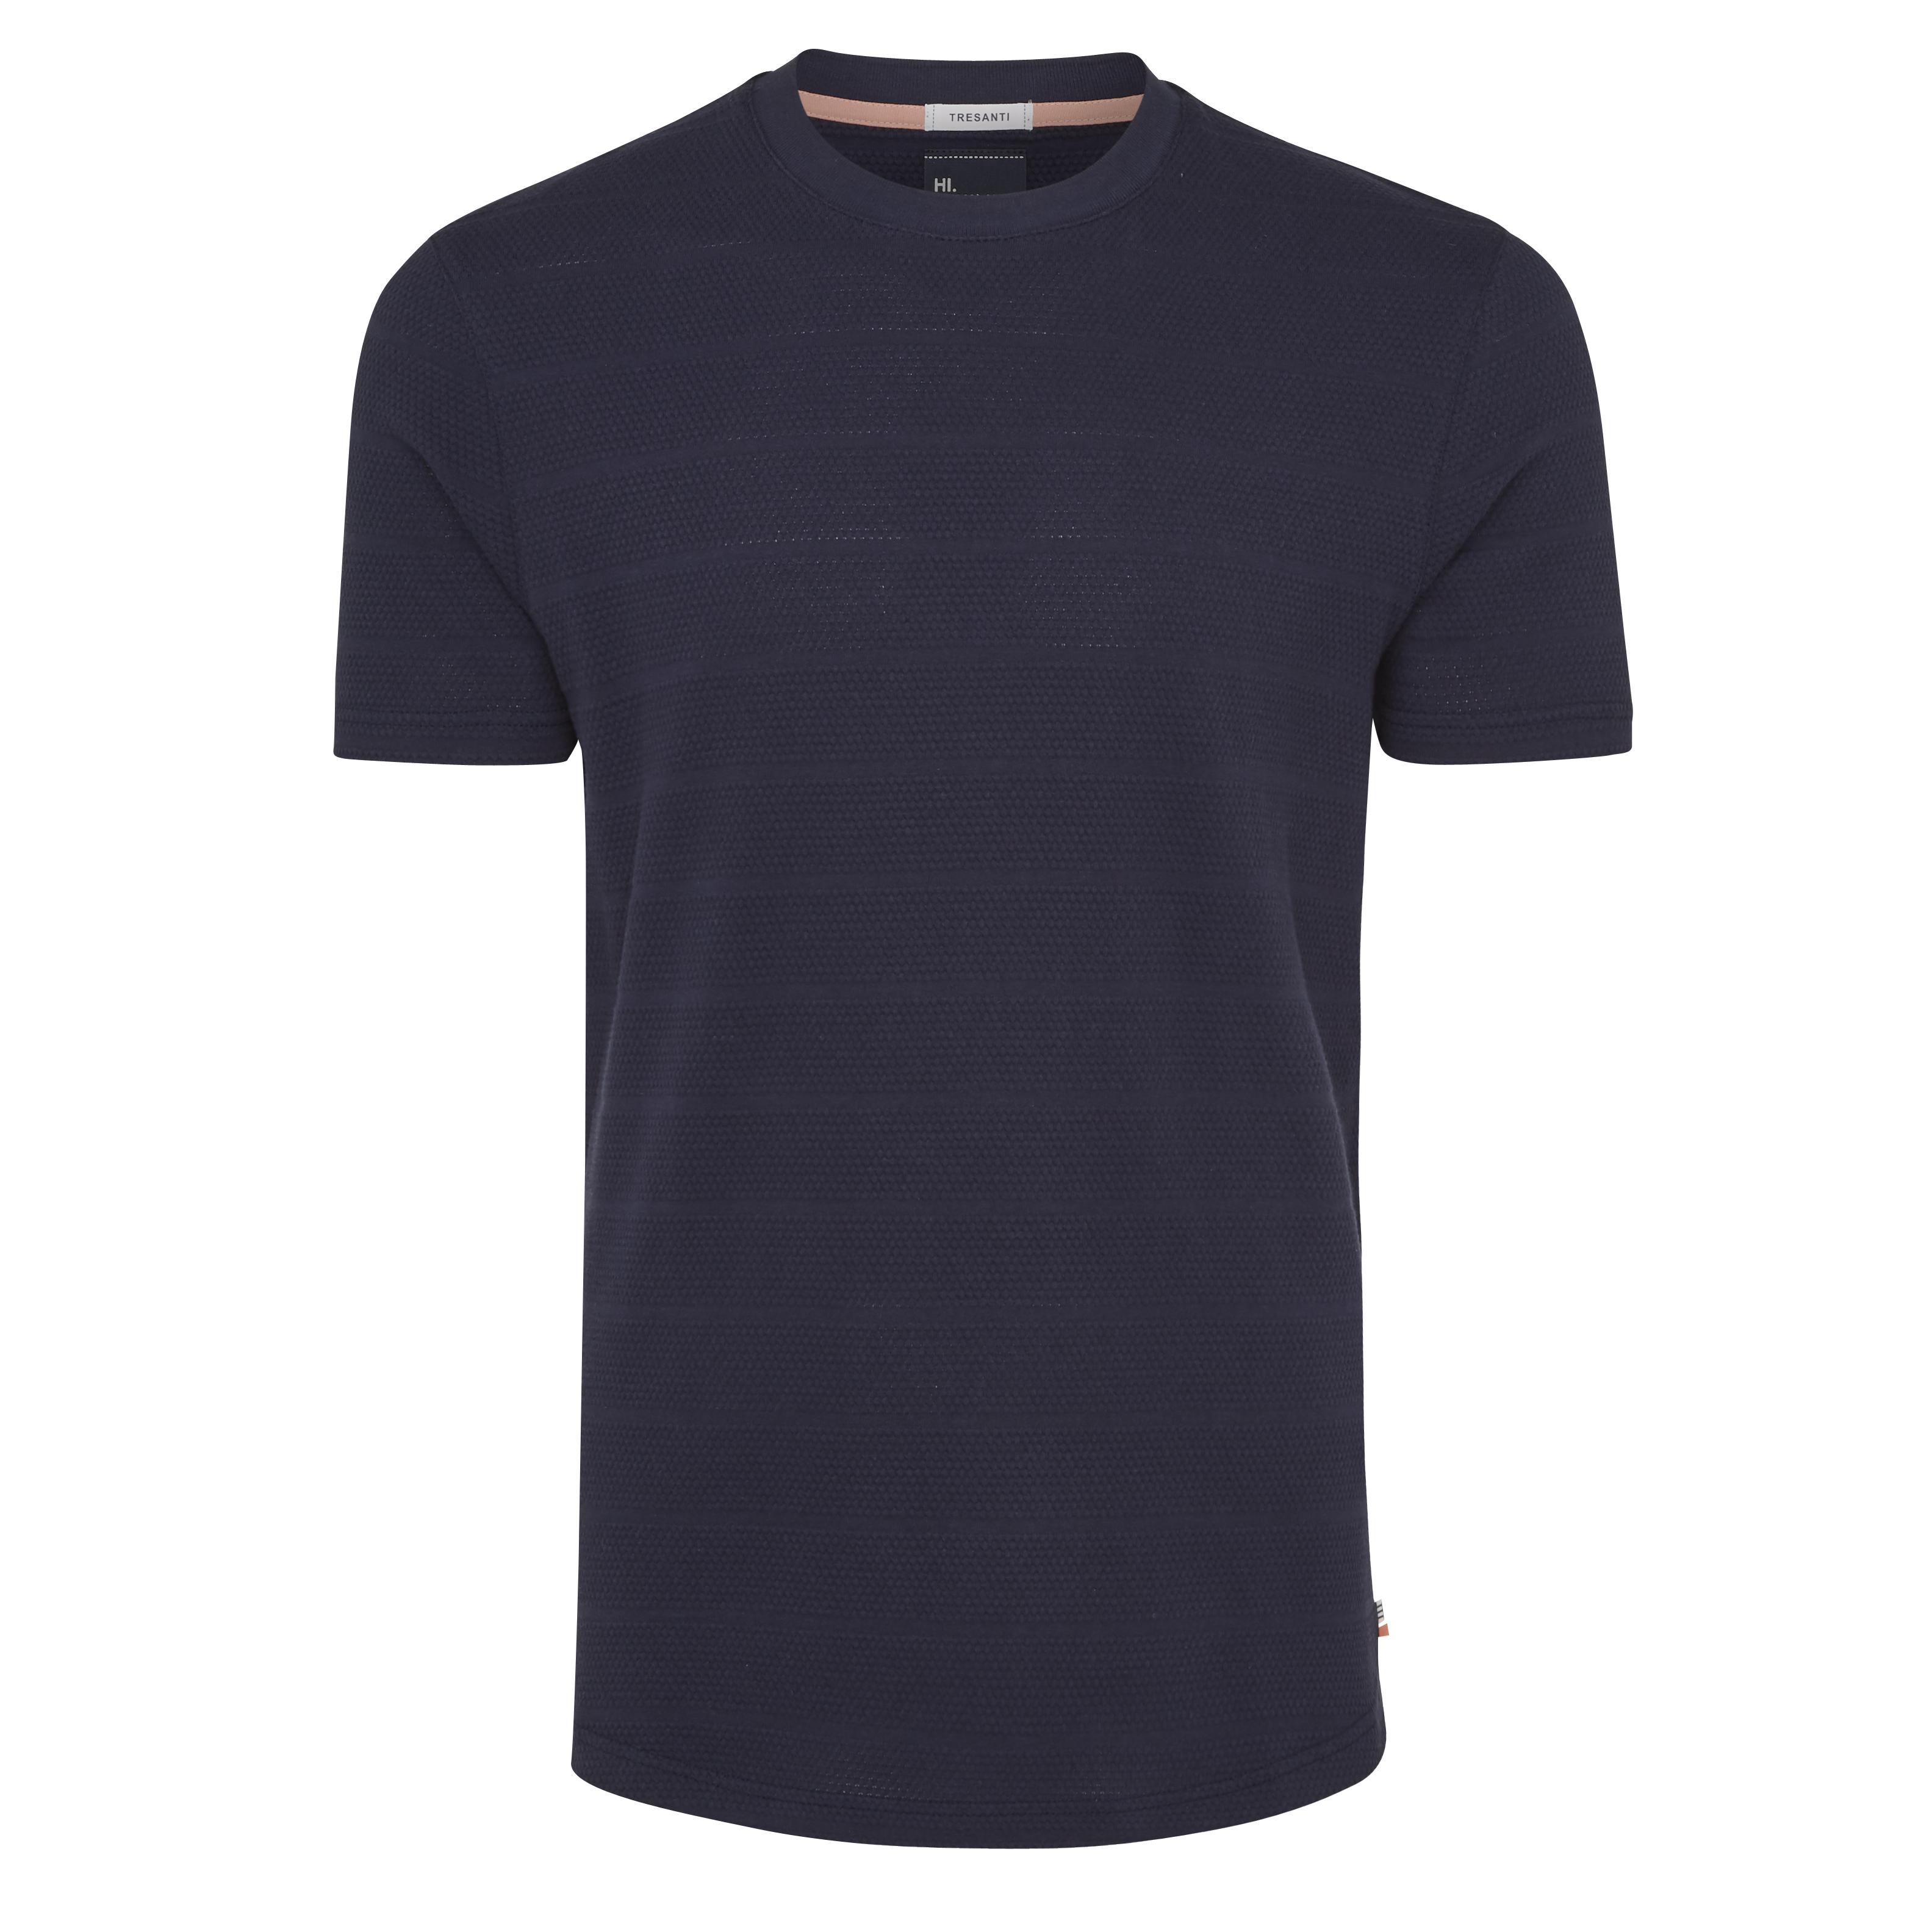 Tony | T-shirt structure navy